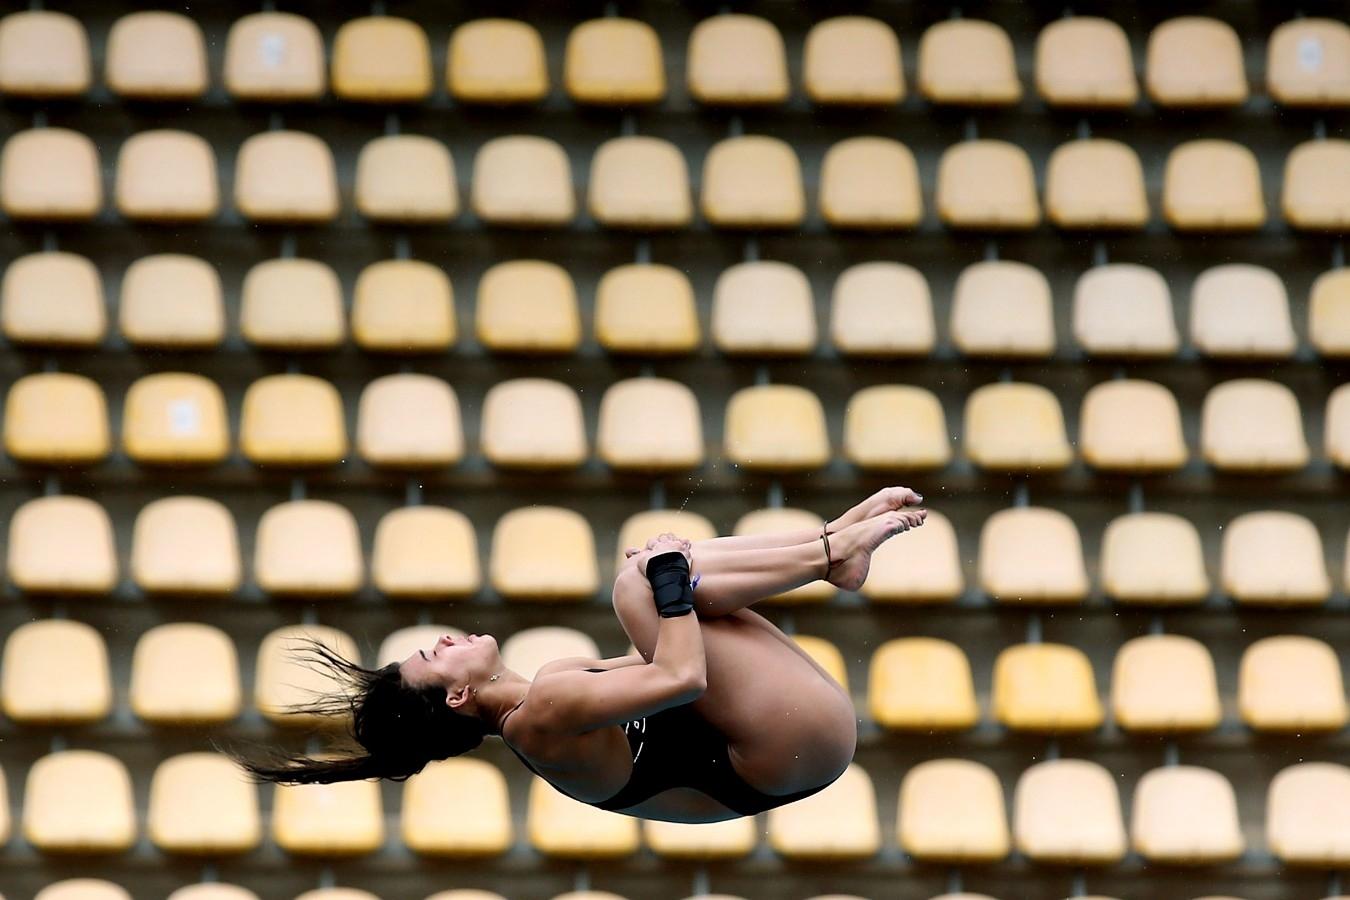 Plataforma. Trofeu Brasil de Saltos Ornamentais. 18 de maio de 2017, Rio de Janeiro, RJ. Foto: Satiro Sodré/SSPress/CBDA